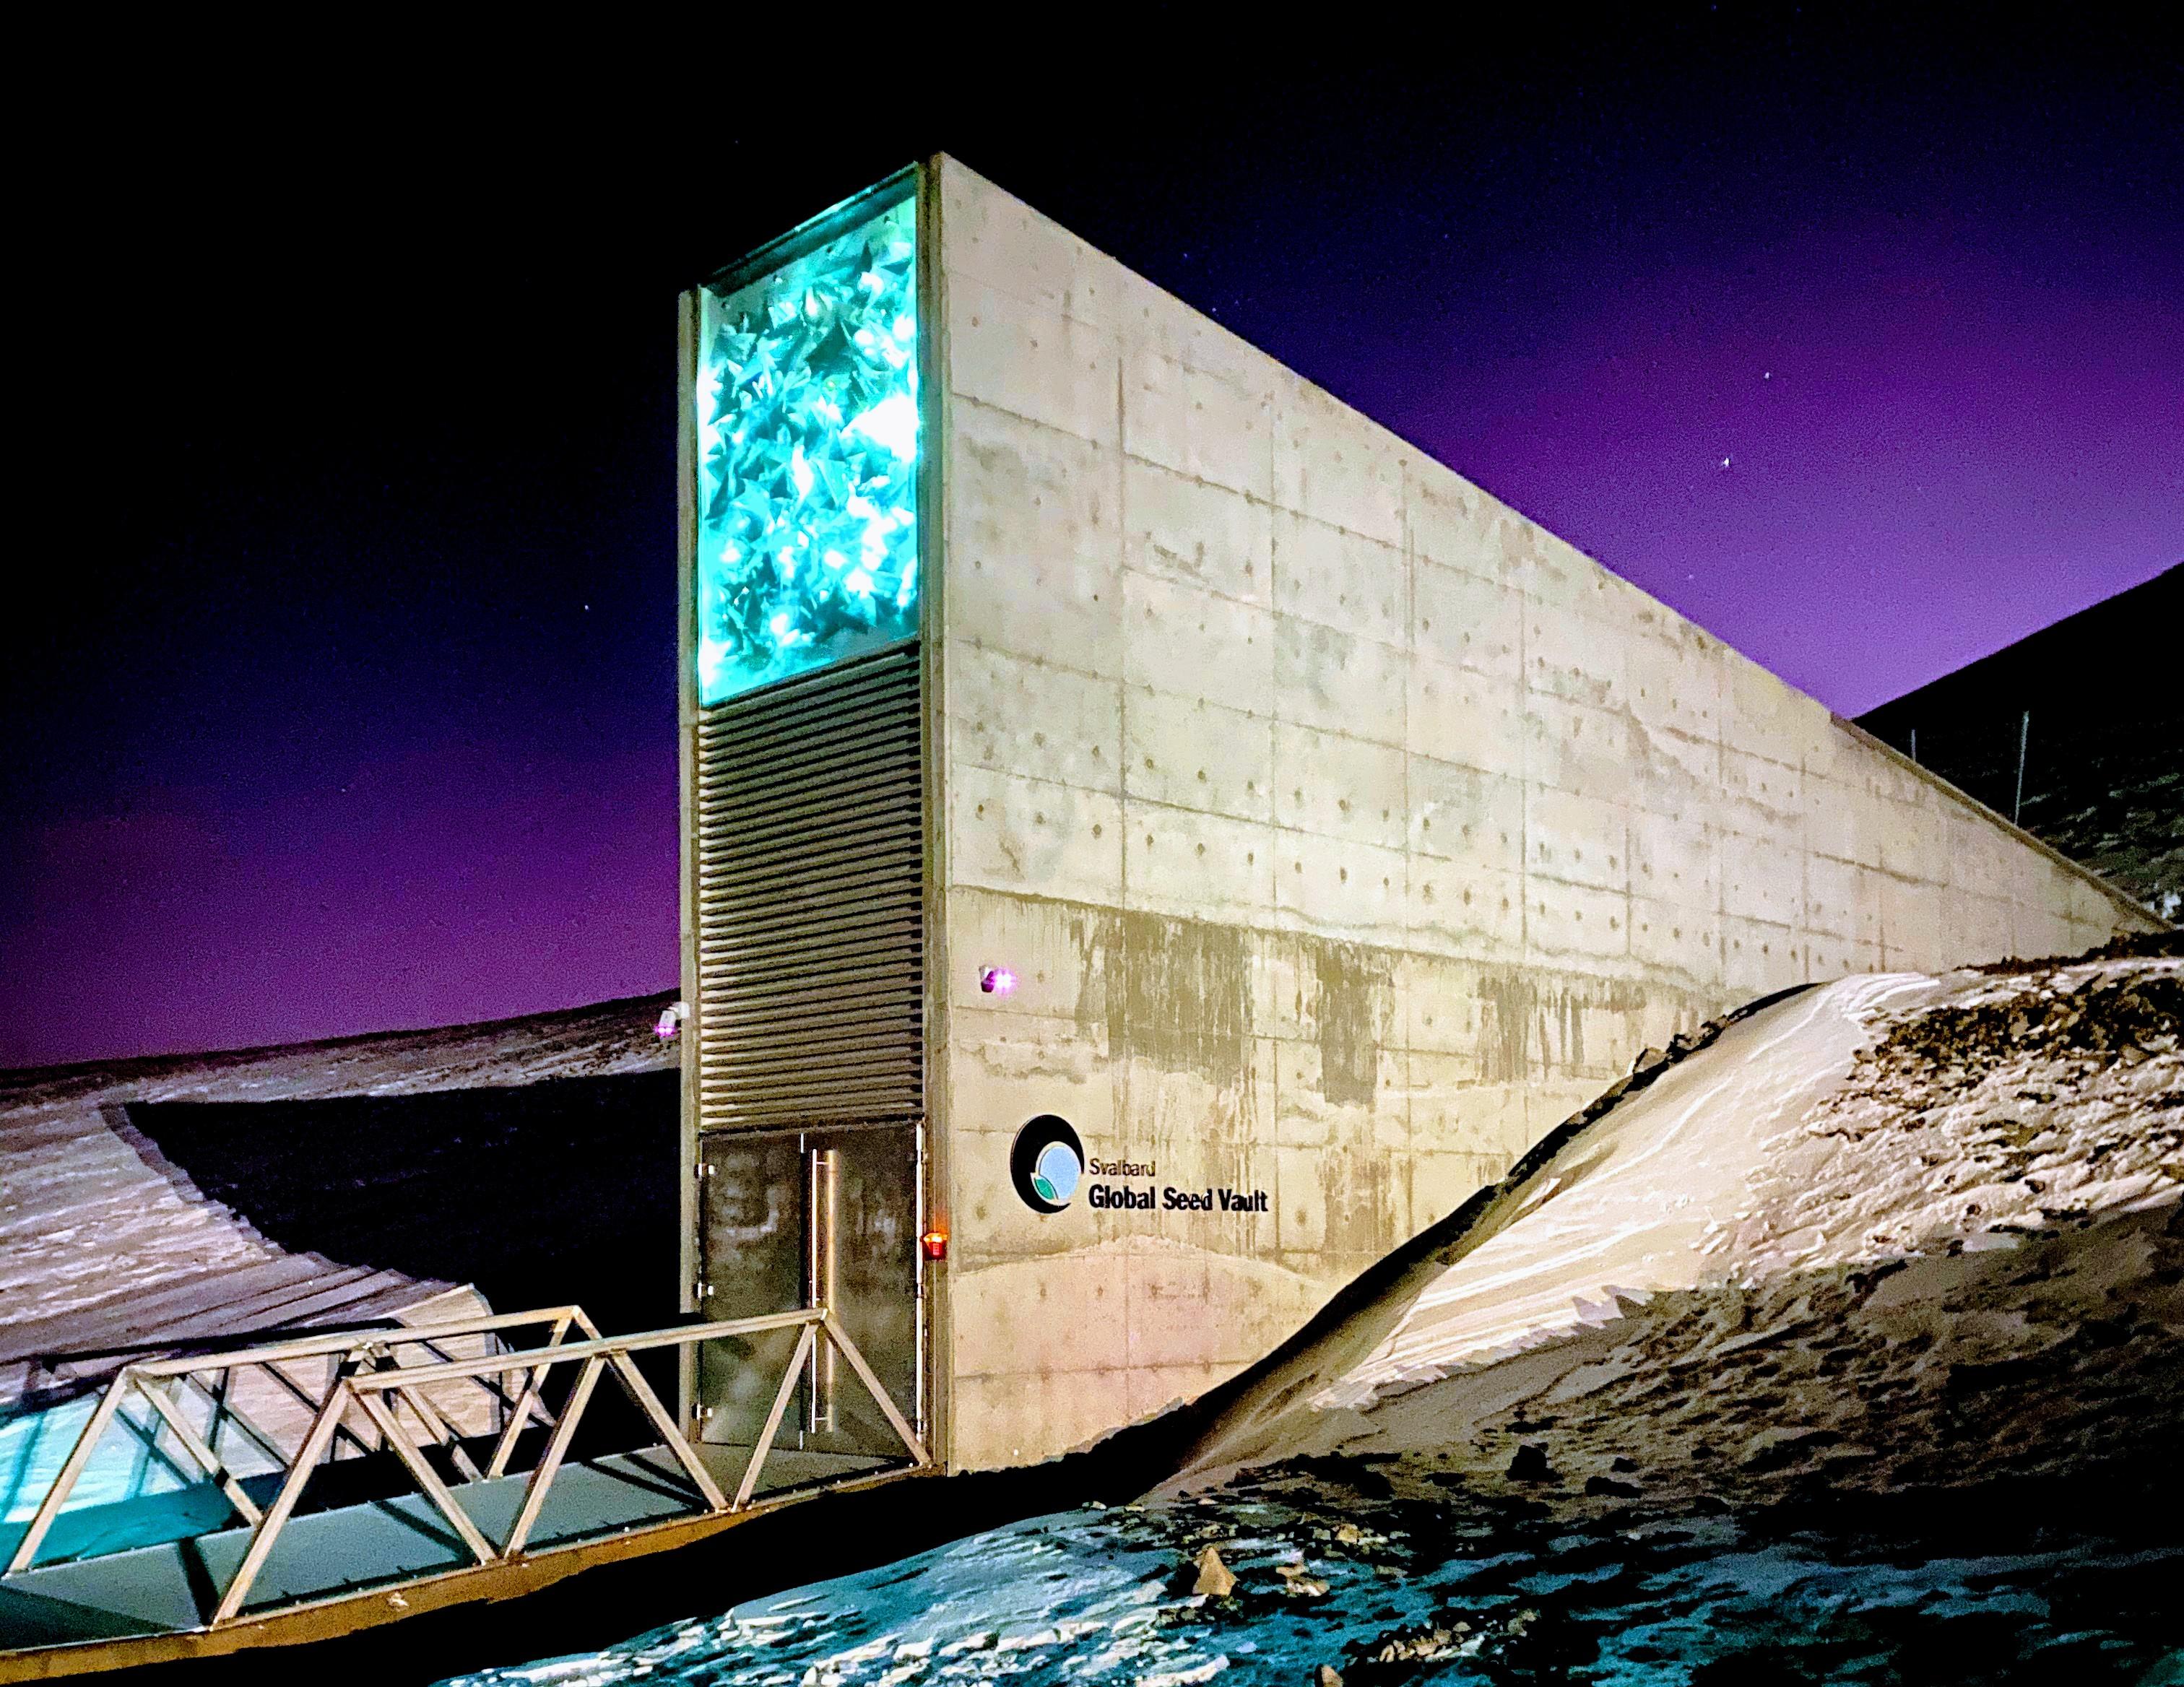 Svalbard Global Seed Vault Wikipedia